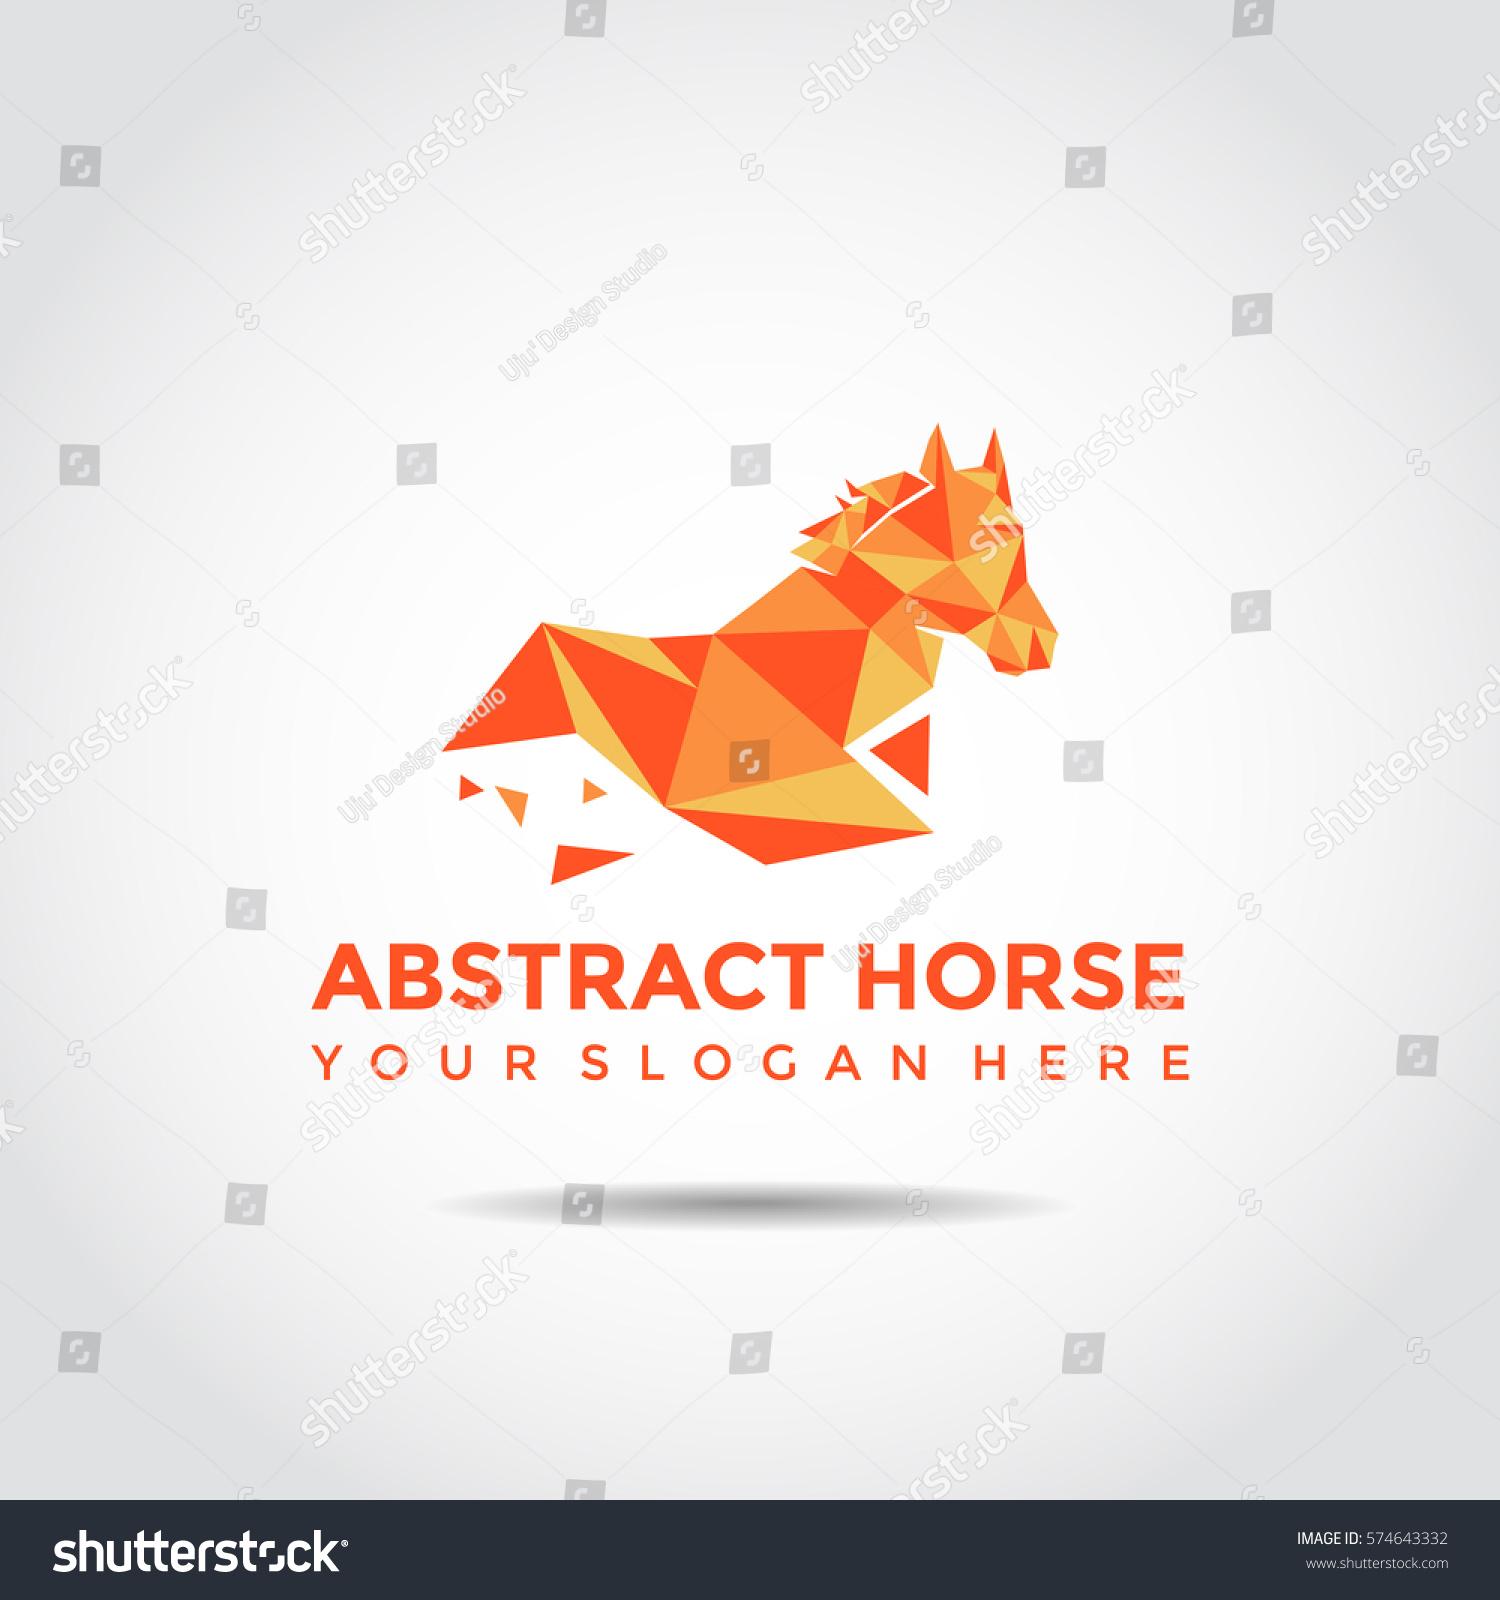 Abstract Horse Logo Template Polygon Style Stock Vector 574643332 ...